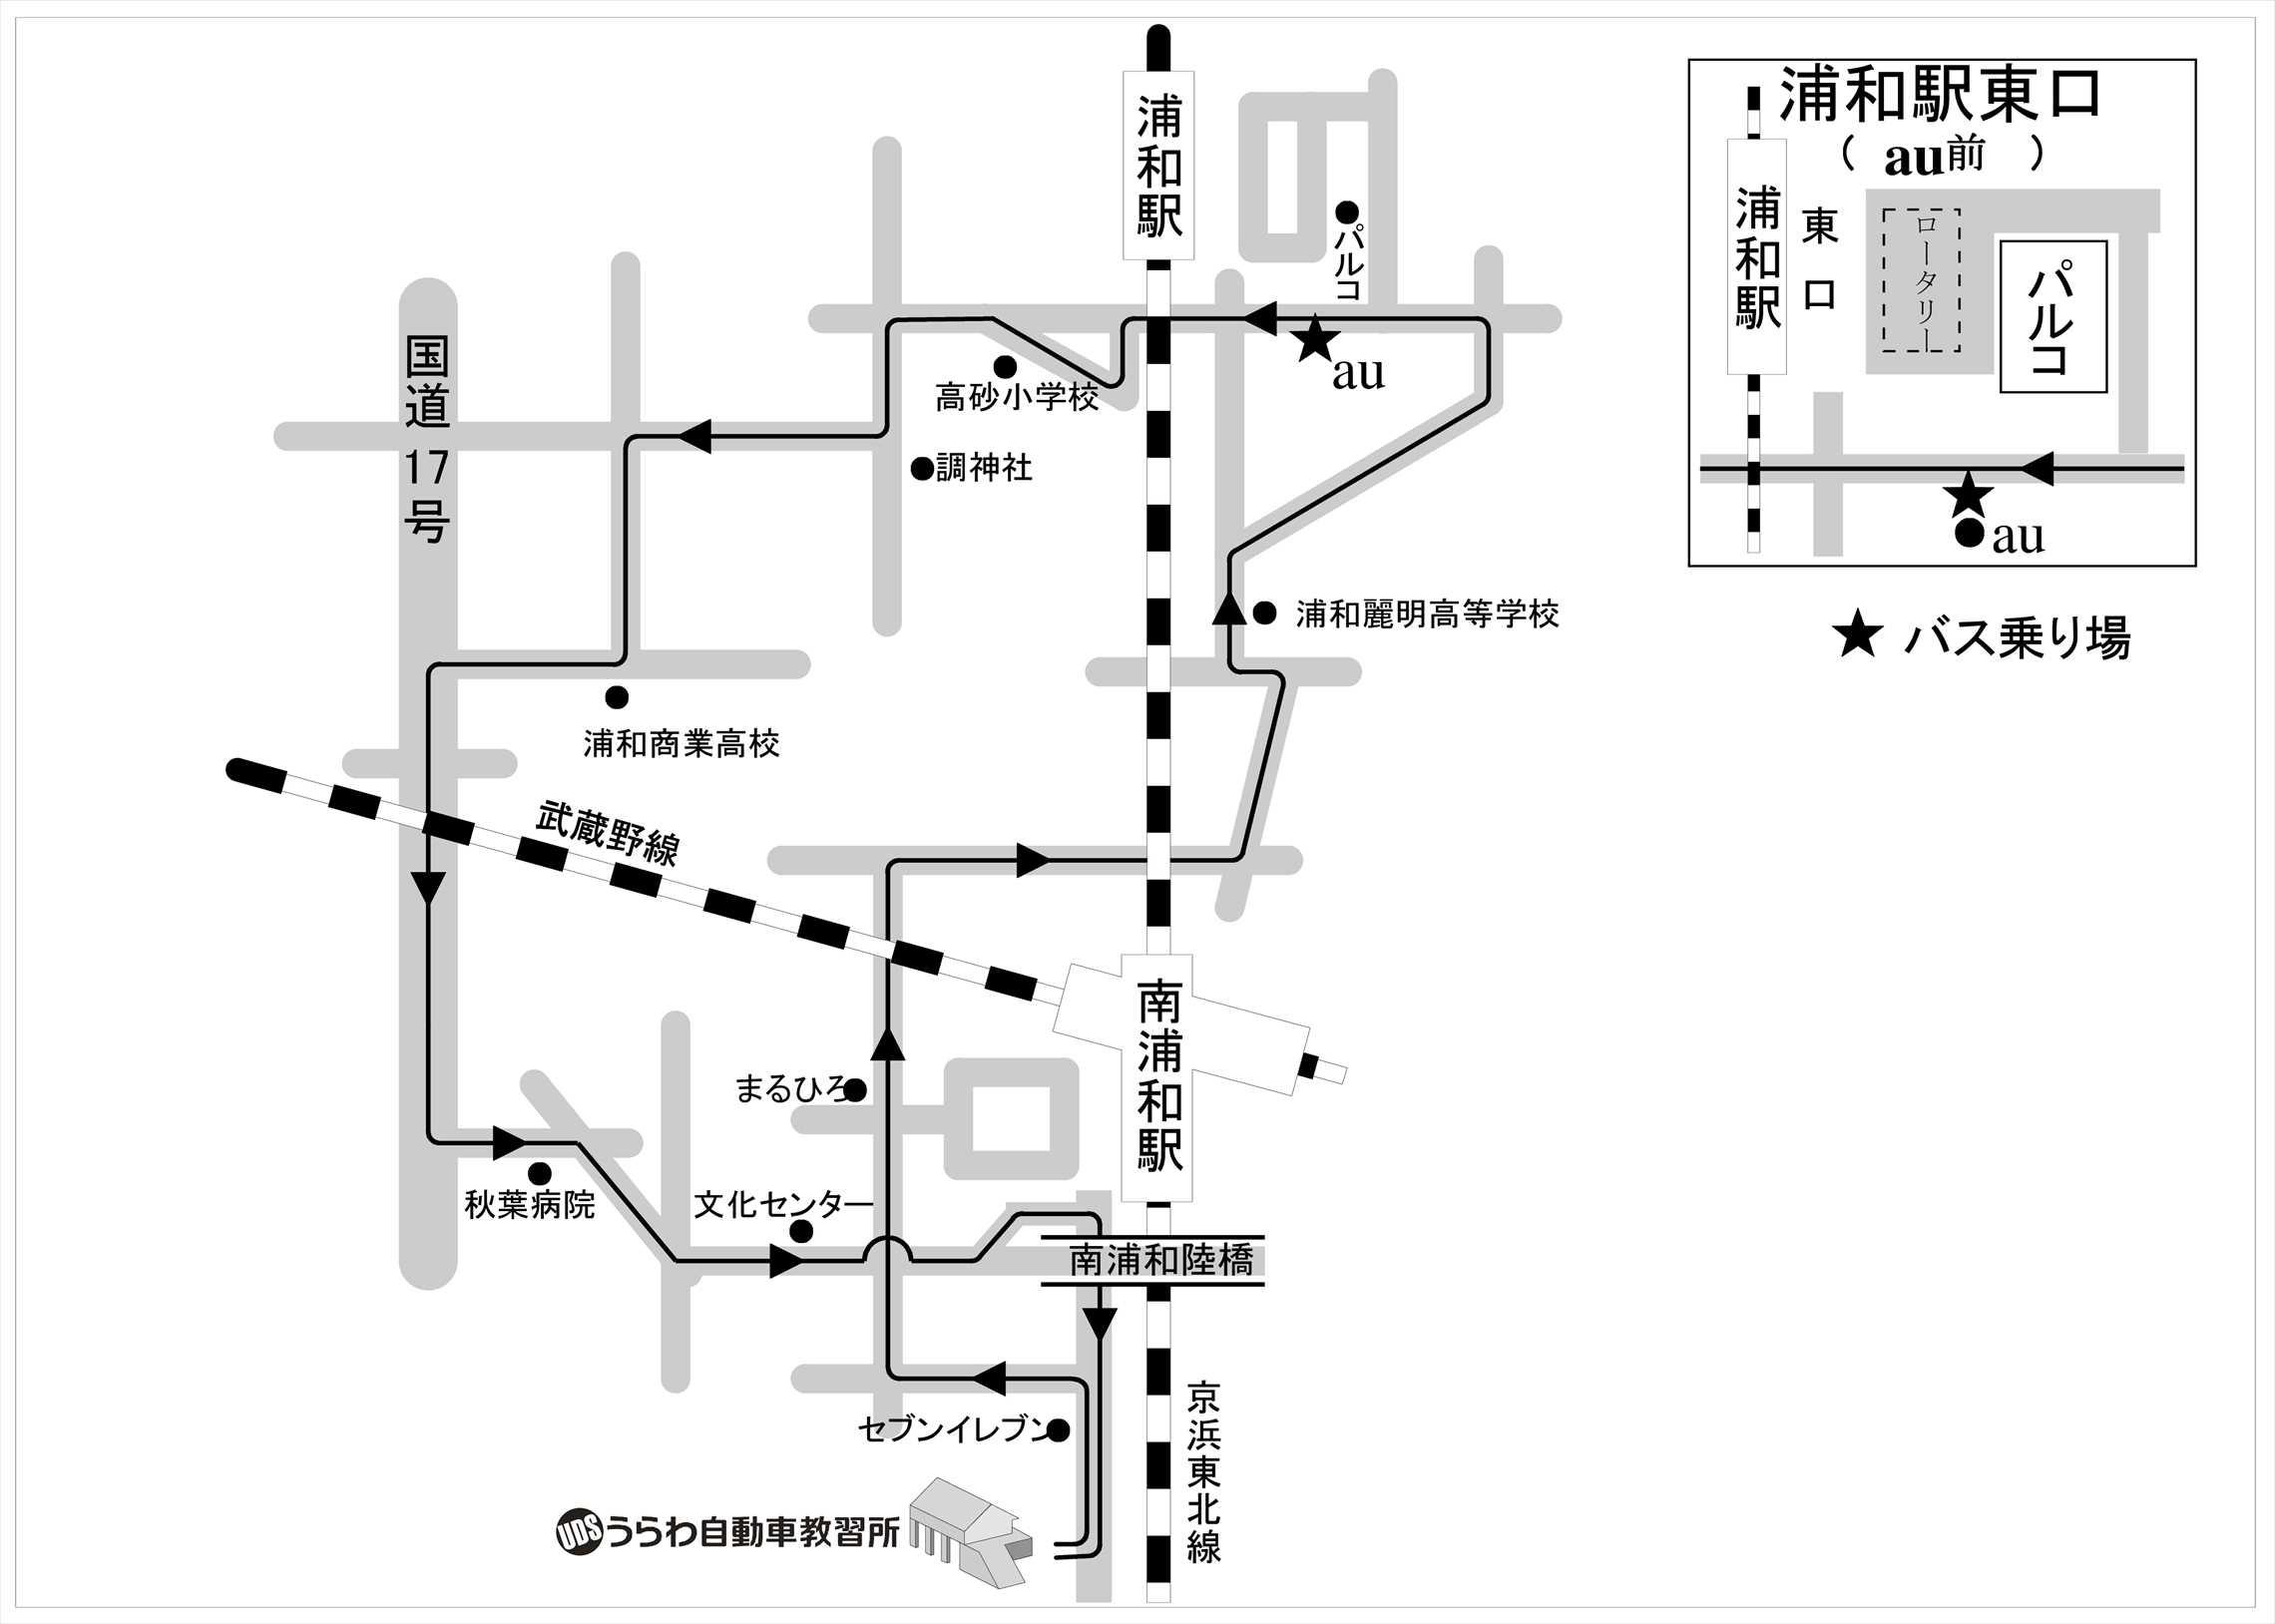 浦和駅コース